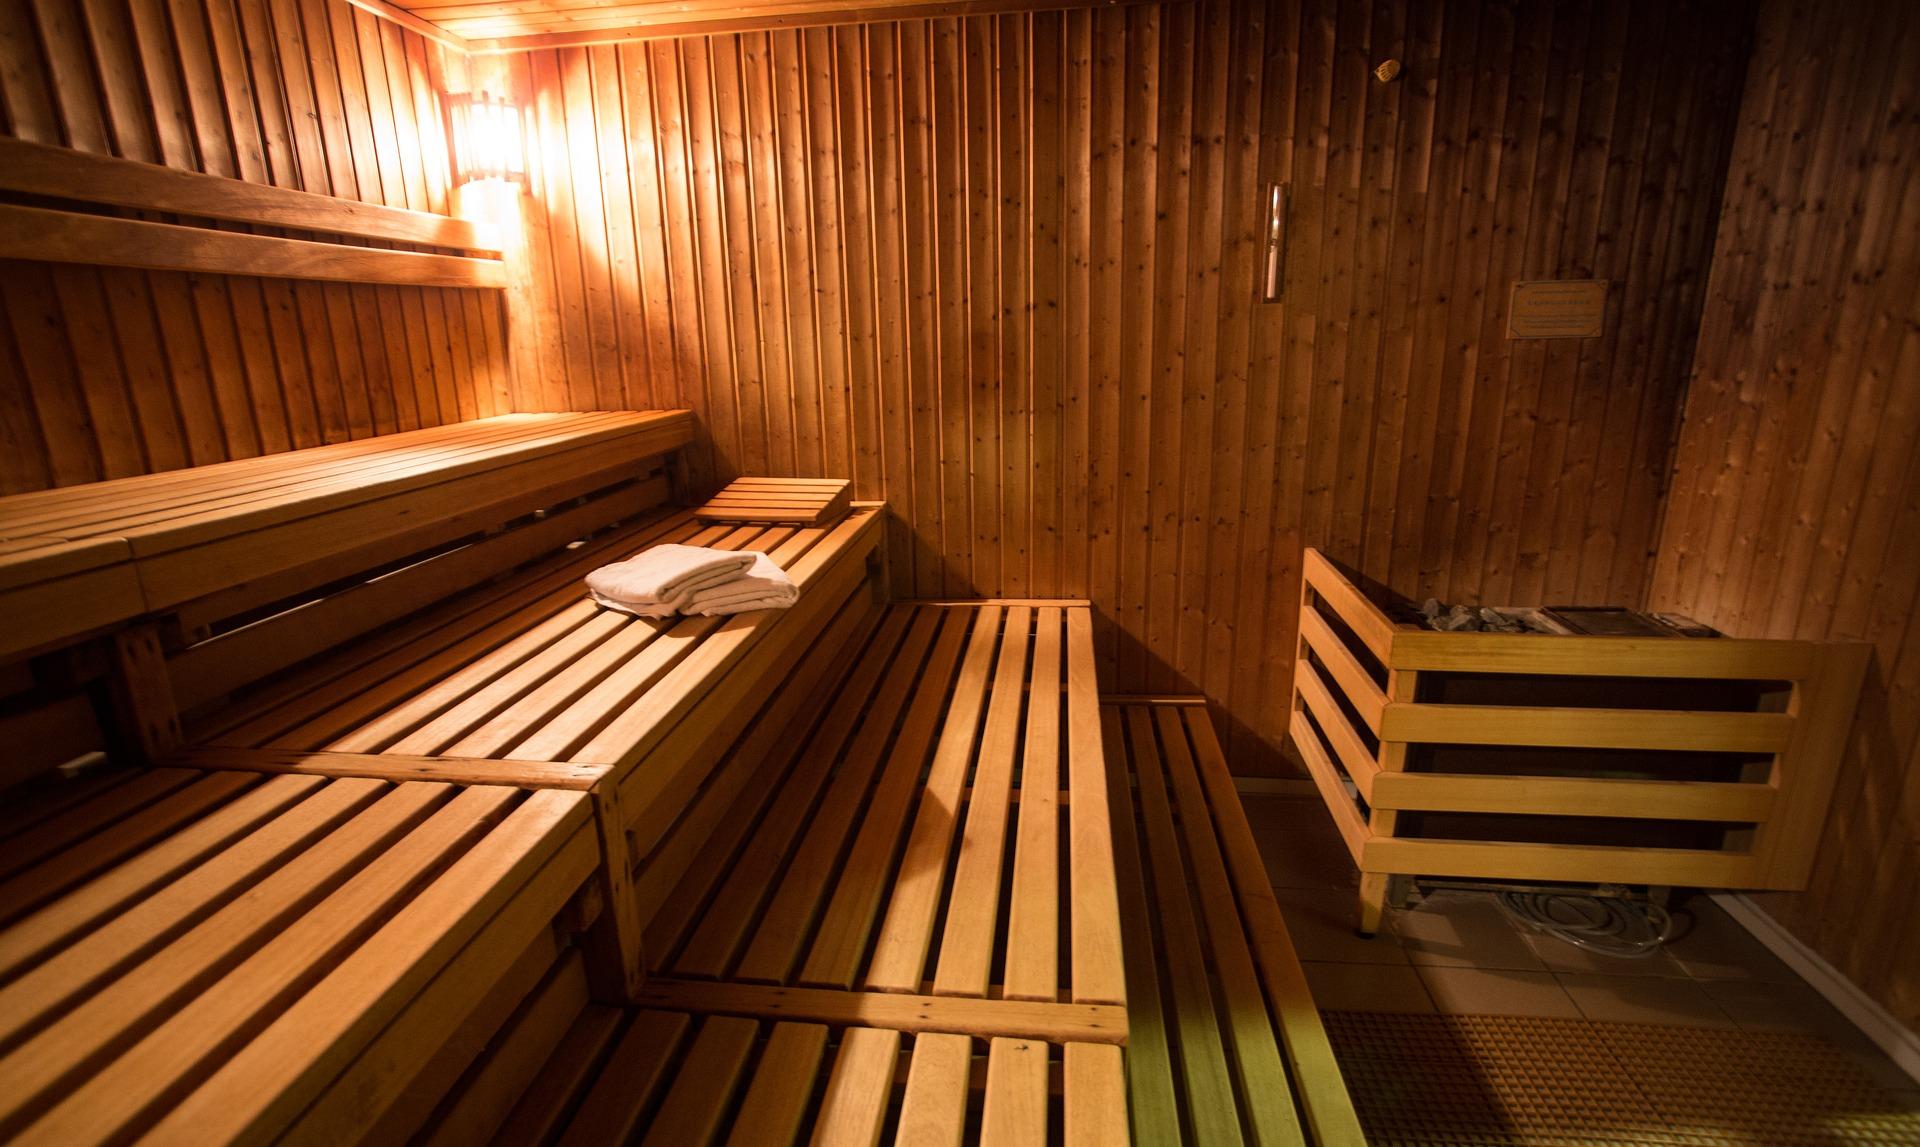 10 Dinge die du bei deinem nächsten Saunabesuch unbedingt ausprobieren musst